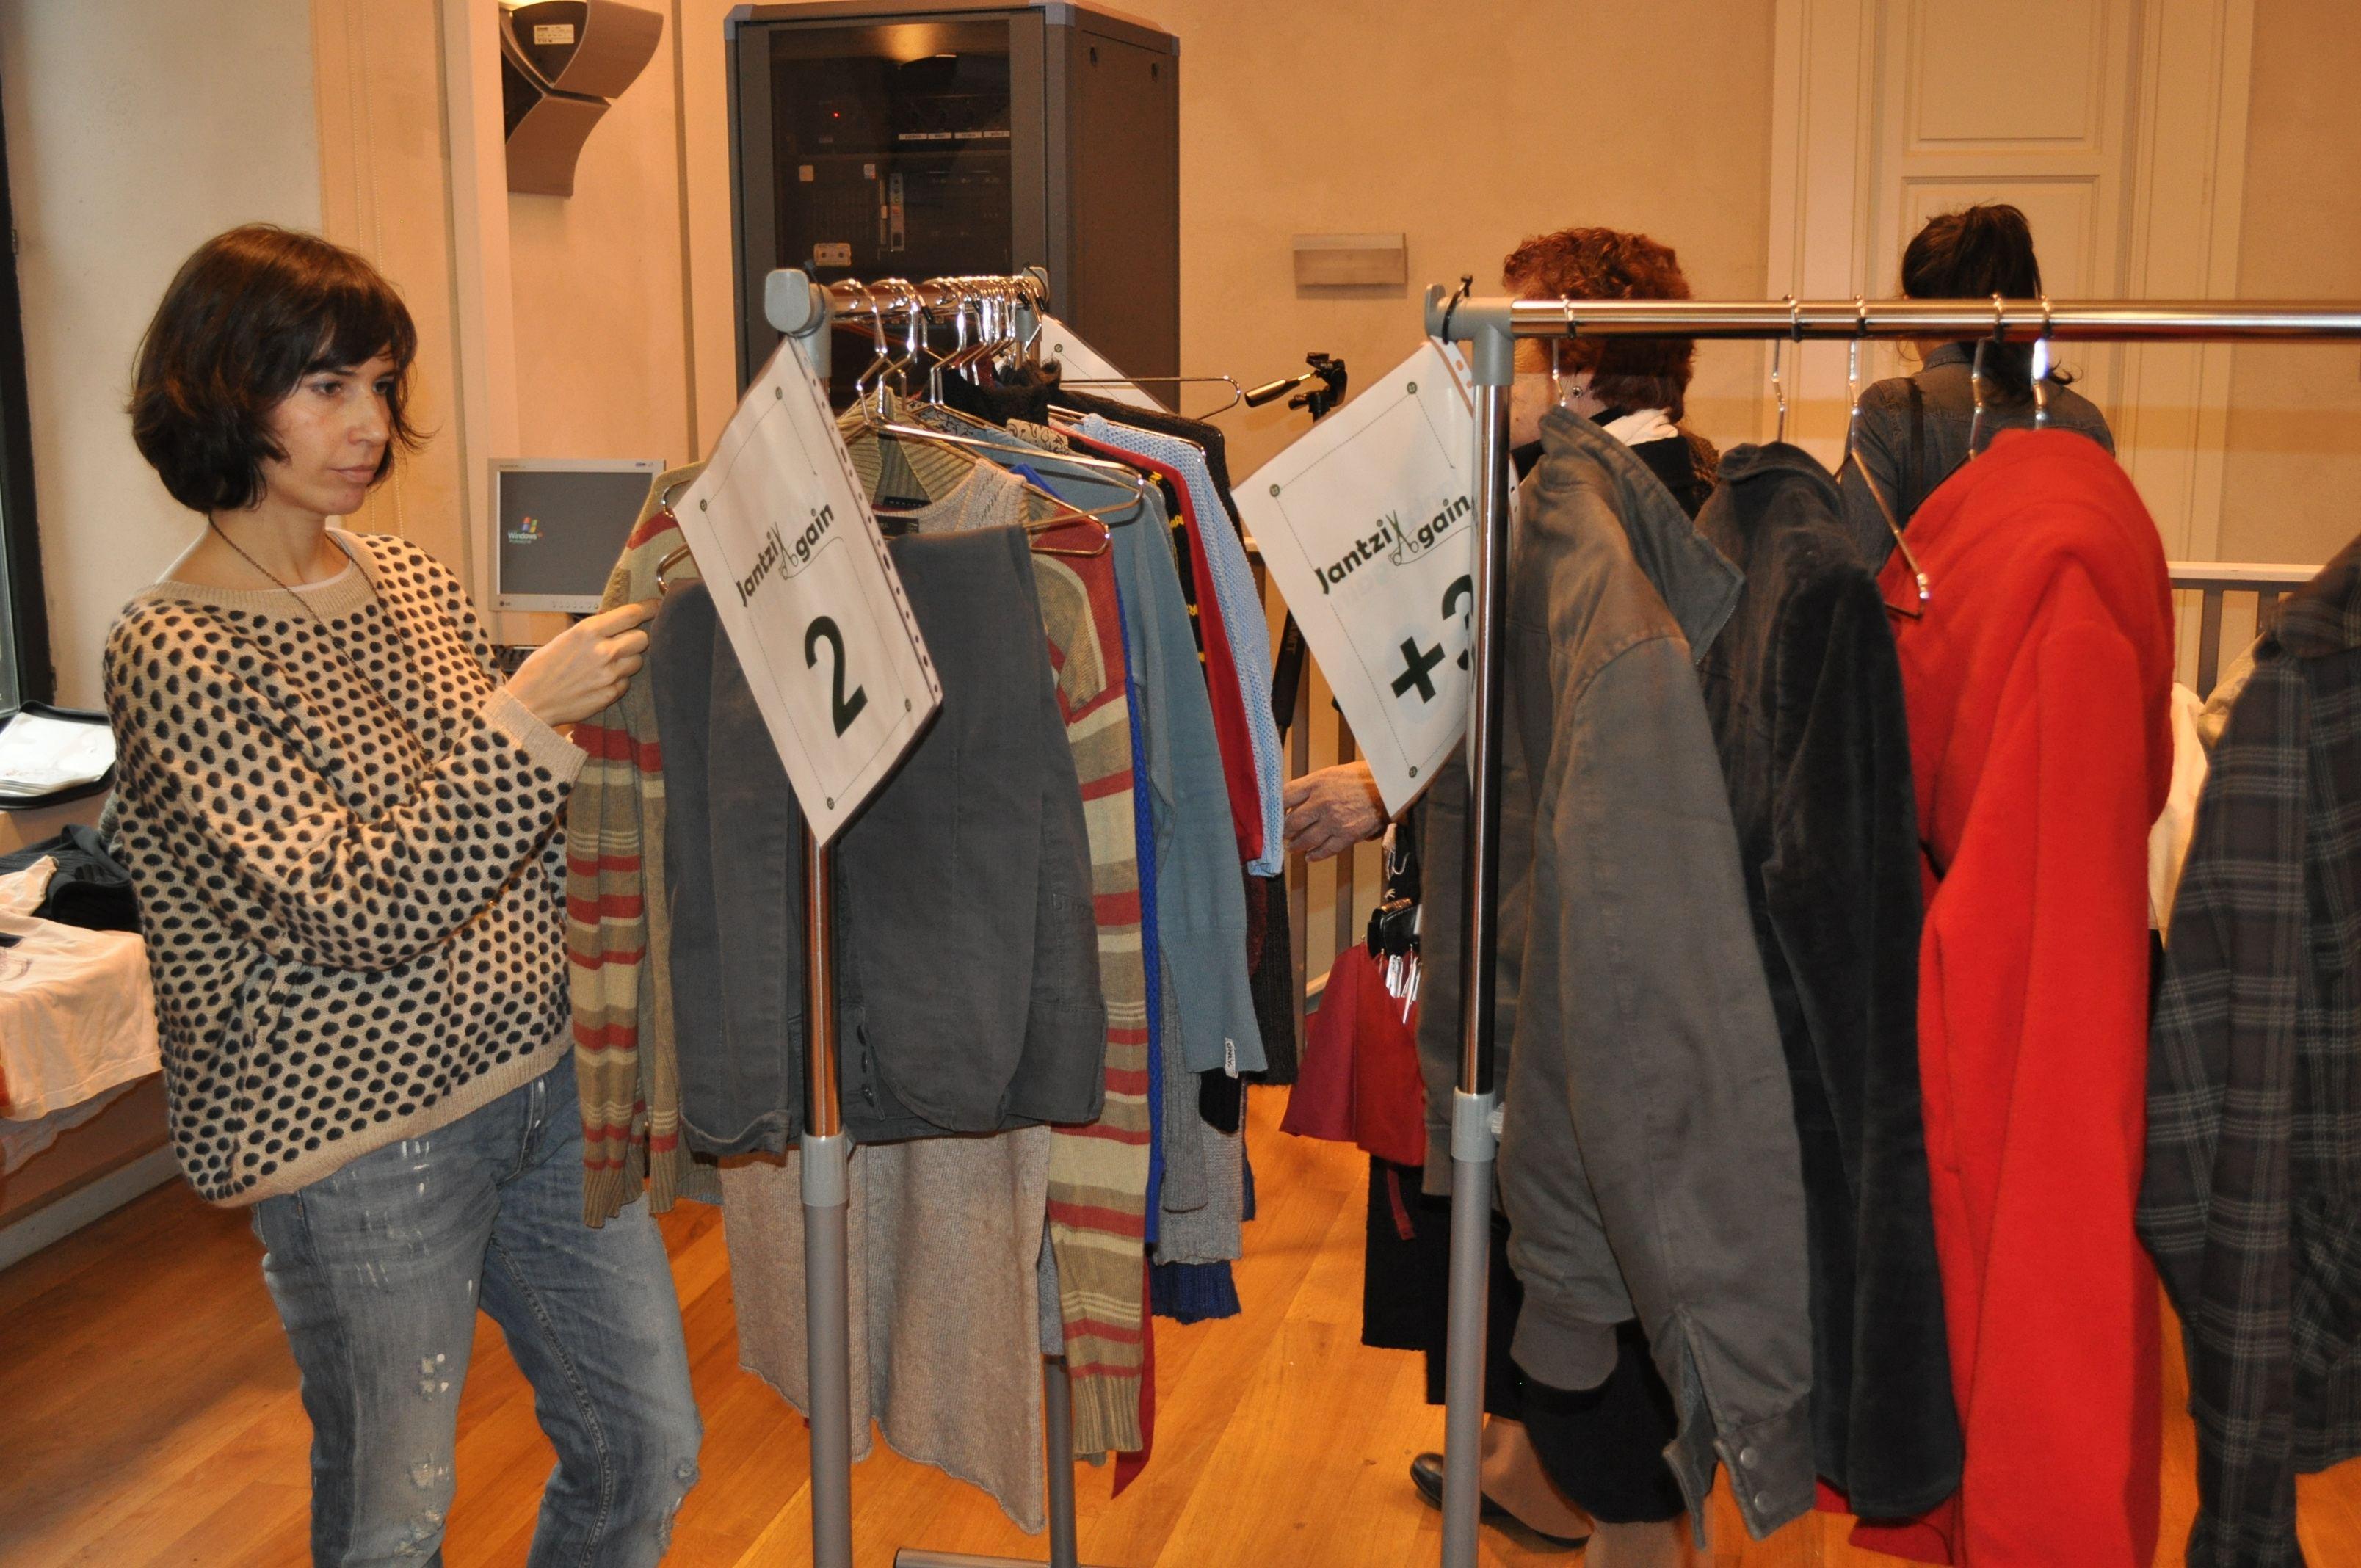 El mercadillo de ropa de segunda mano.